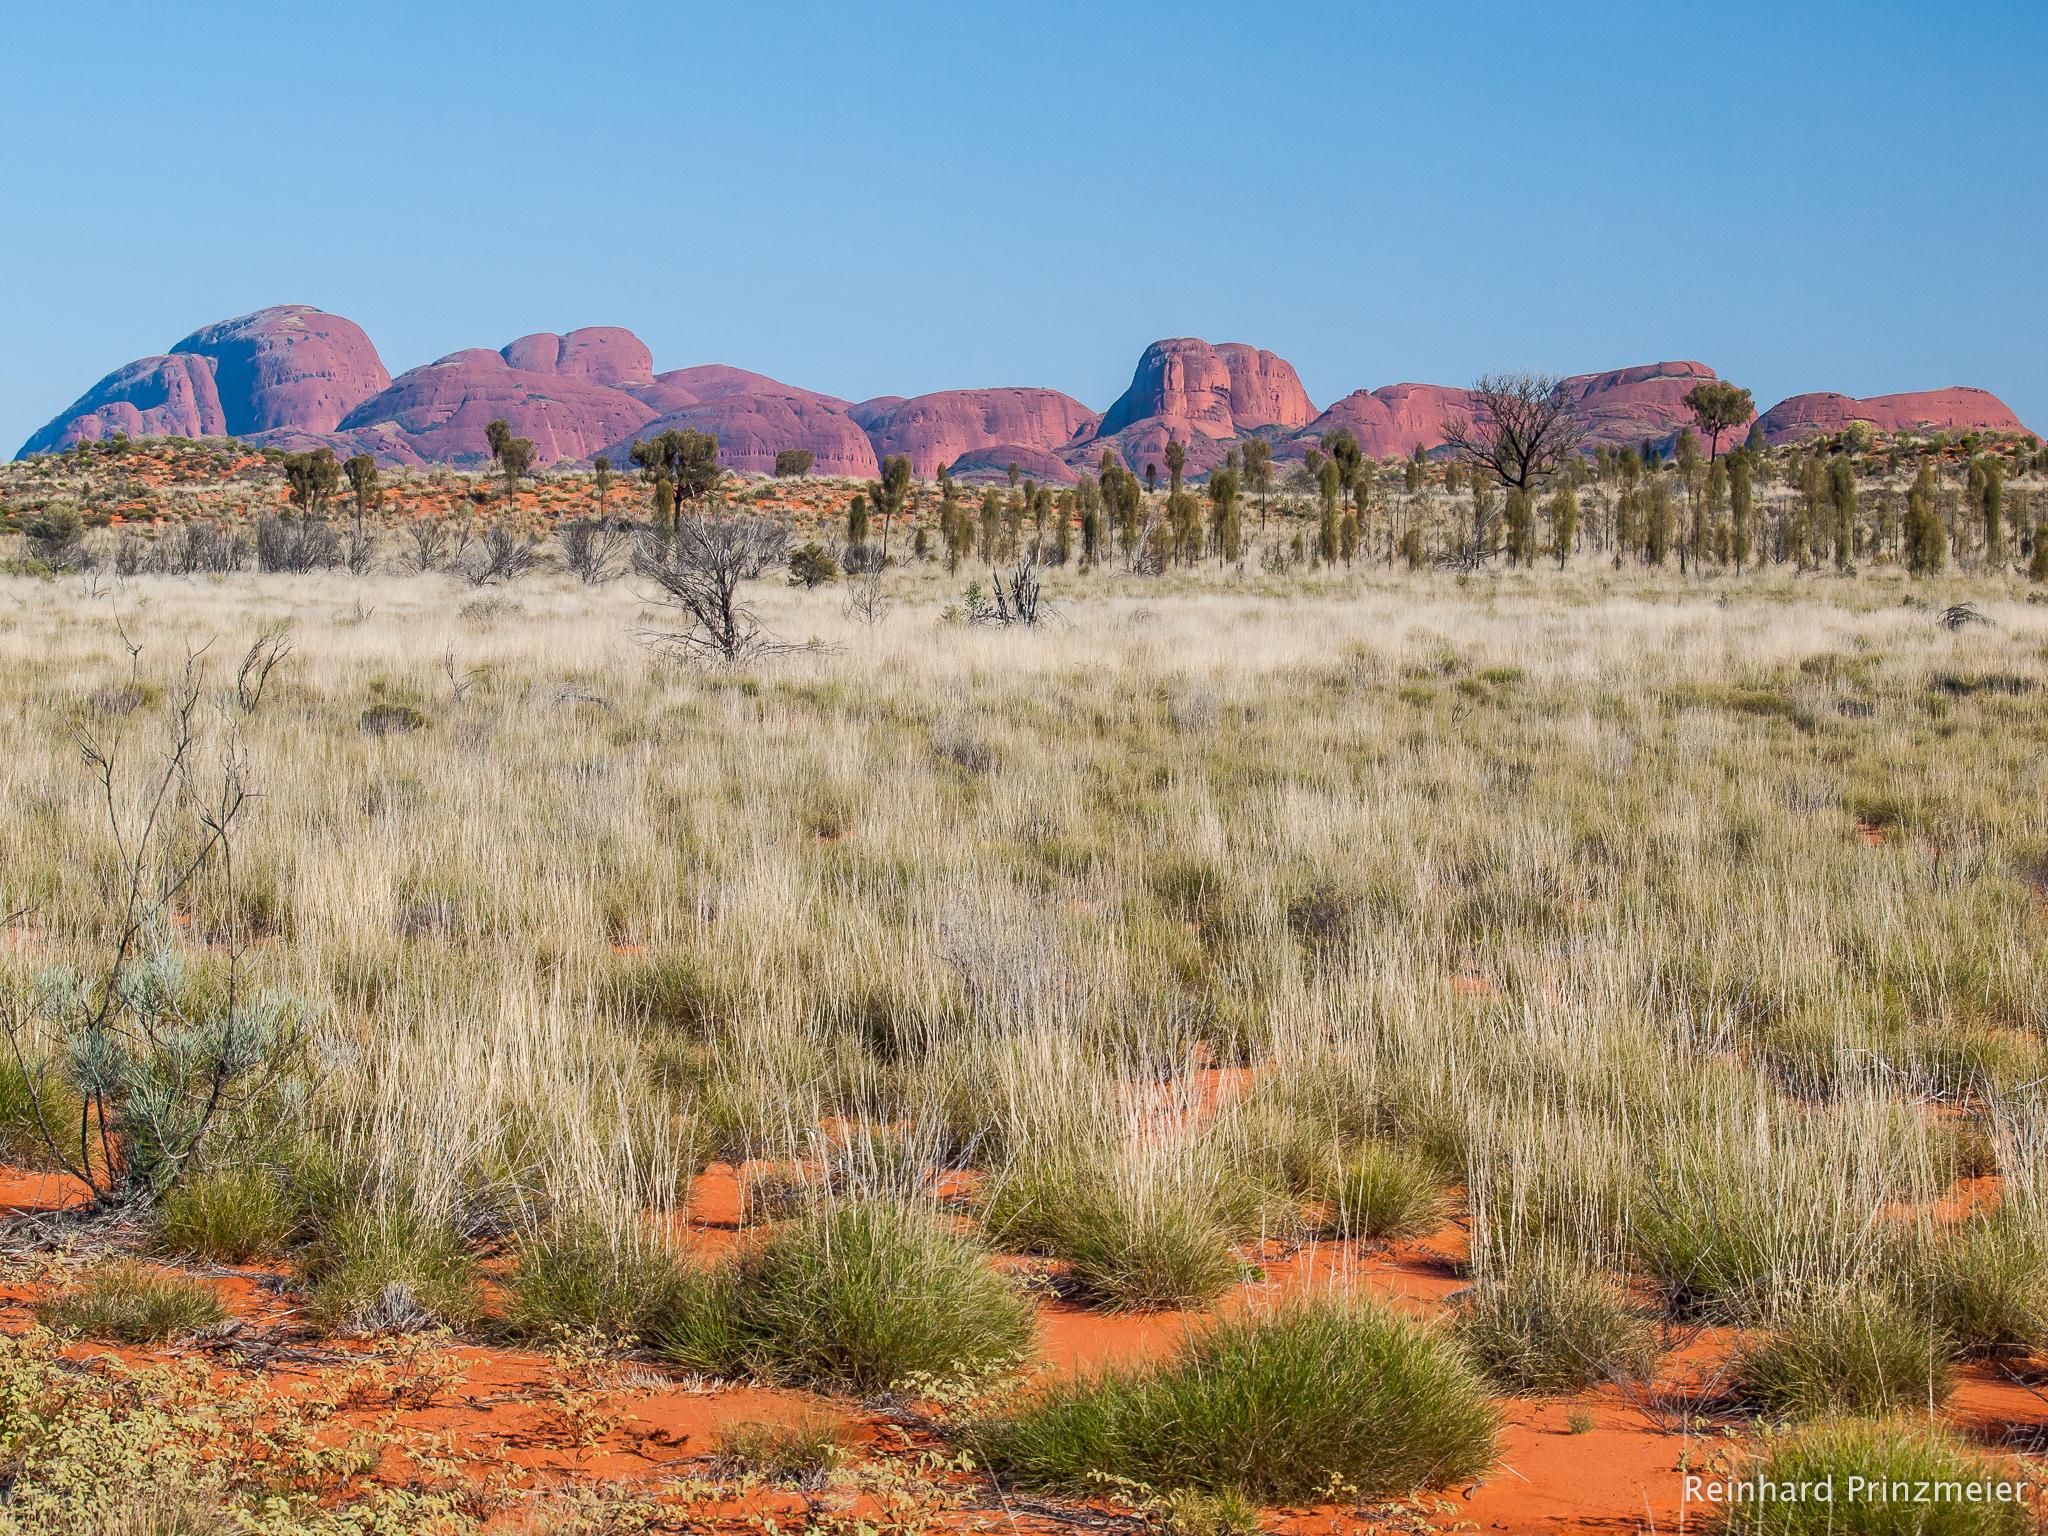 View to Kata Tjuta, Australia